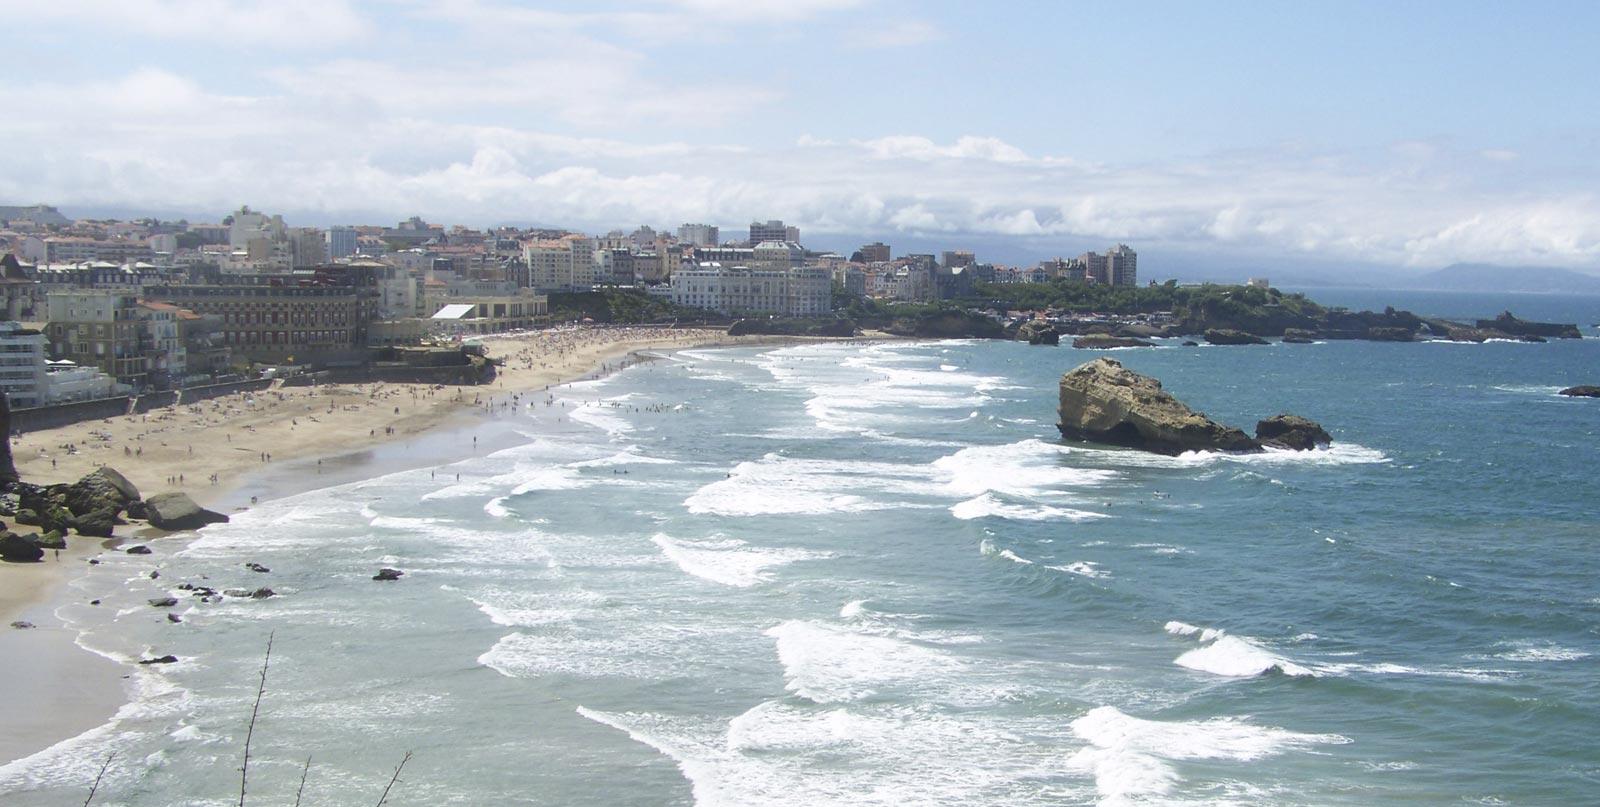 la proximité des habitations et de la plage à Biarritz - ancorim